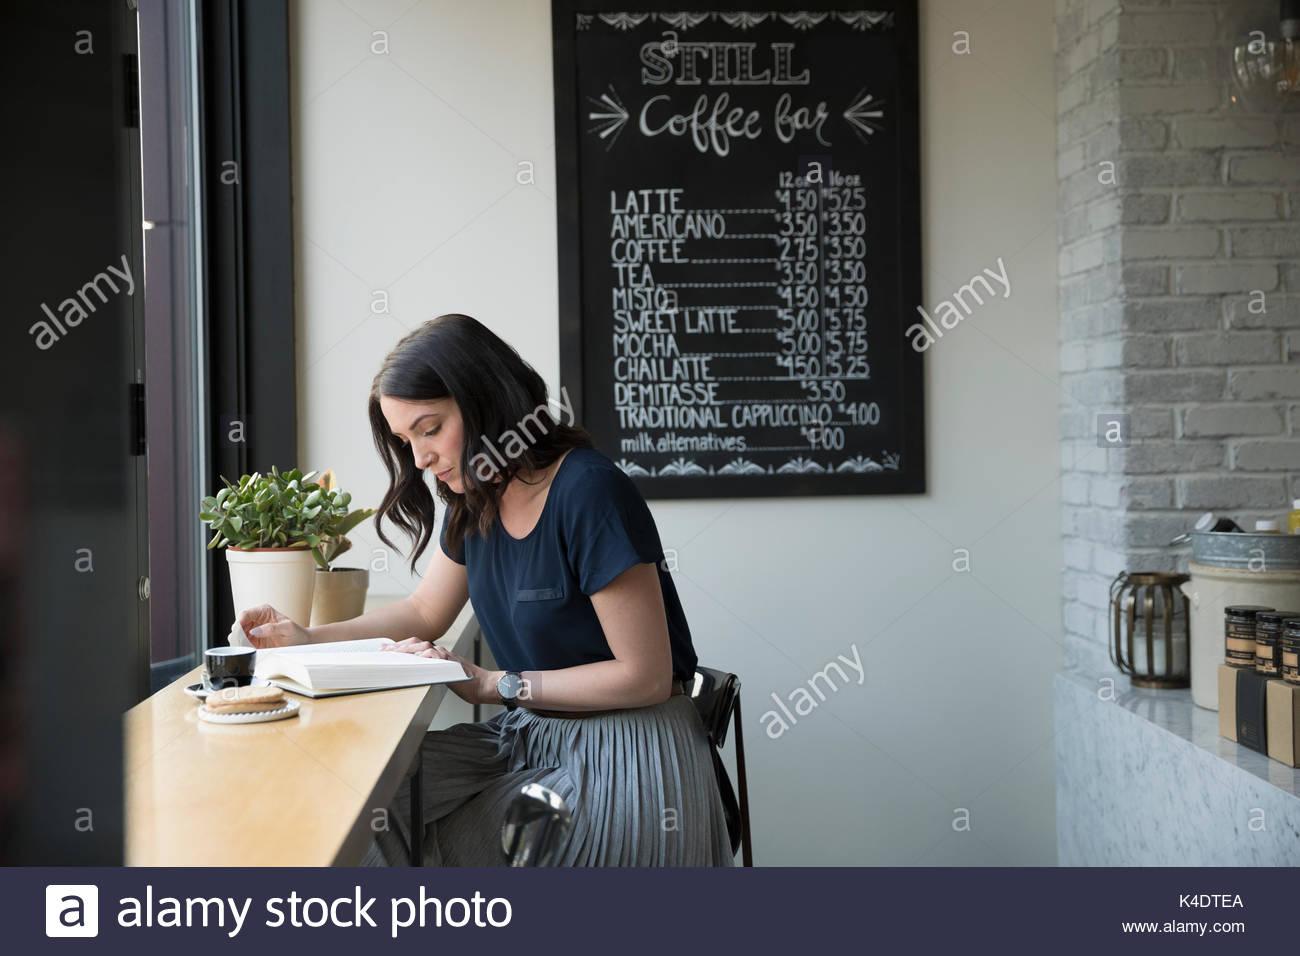 Frau mit Buch und Kaffee trinken an der Theke im Cafe Stockbild